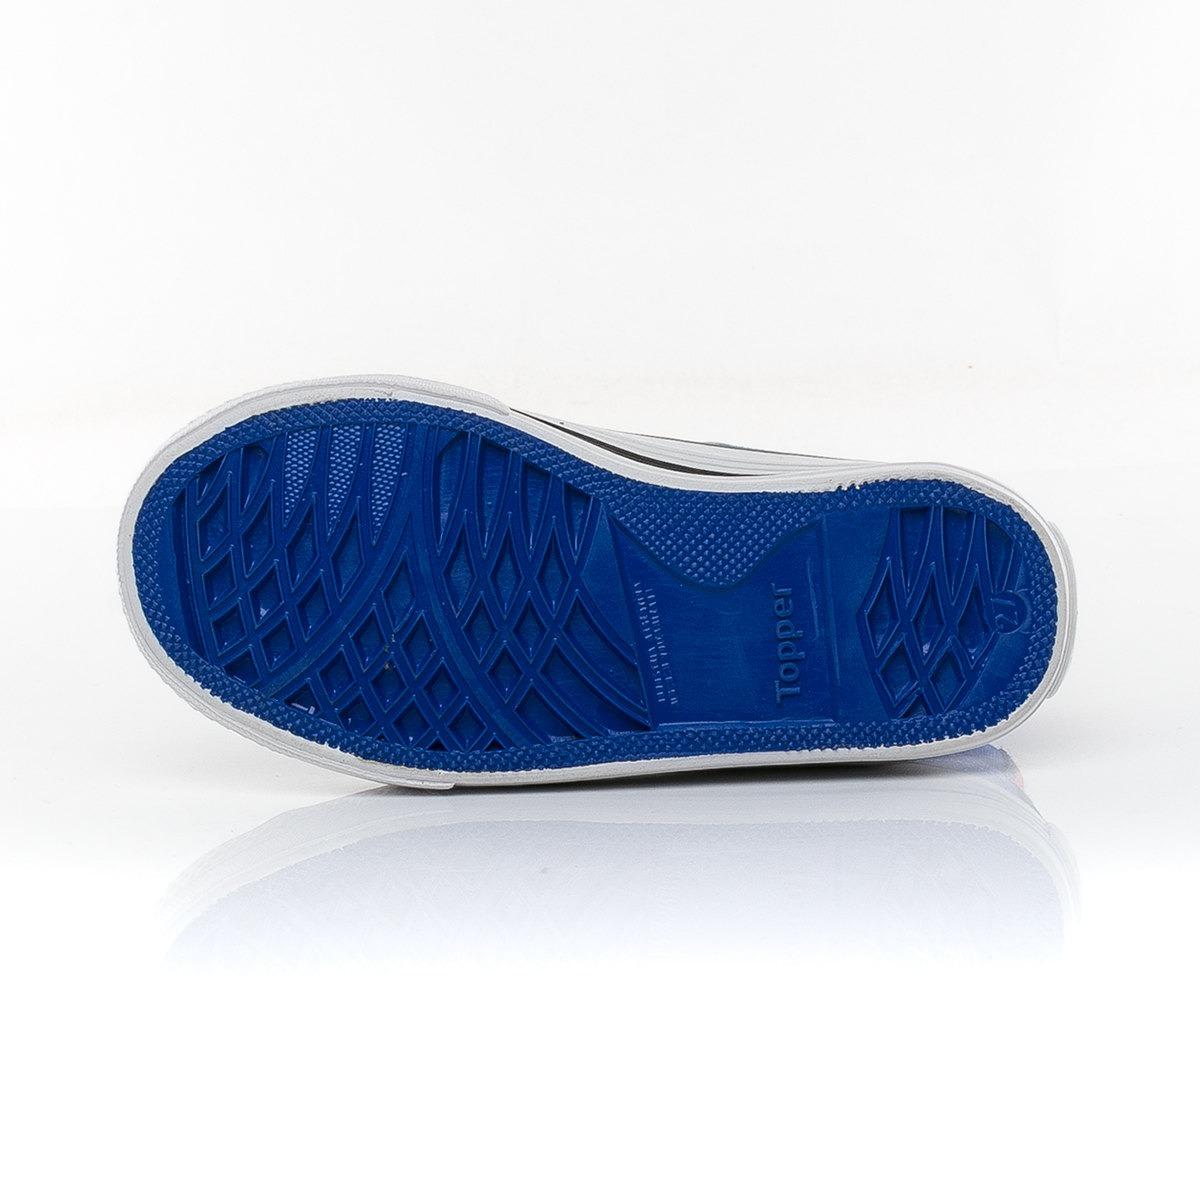 c8e6786b9a zapatillas derby niños + topper sport 78 tienda oficial. Cargando zoom.